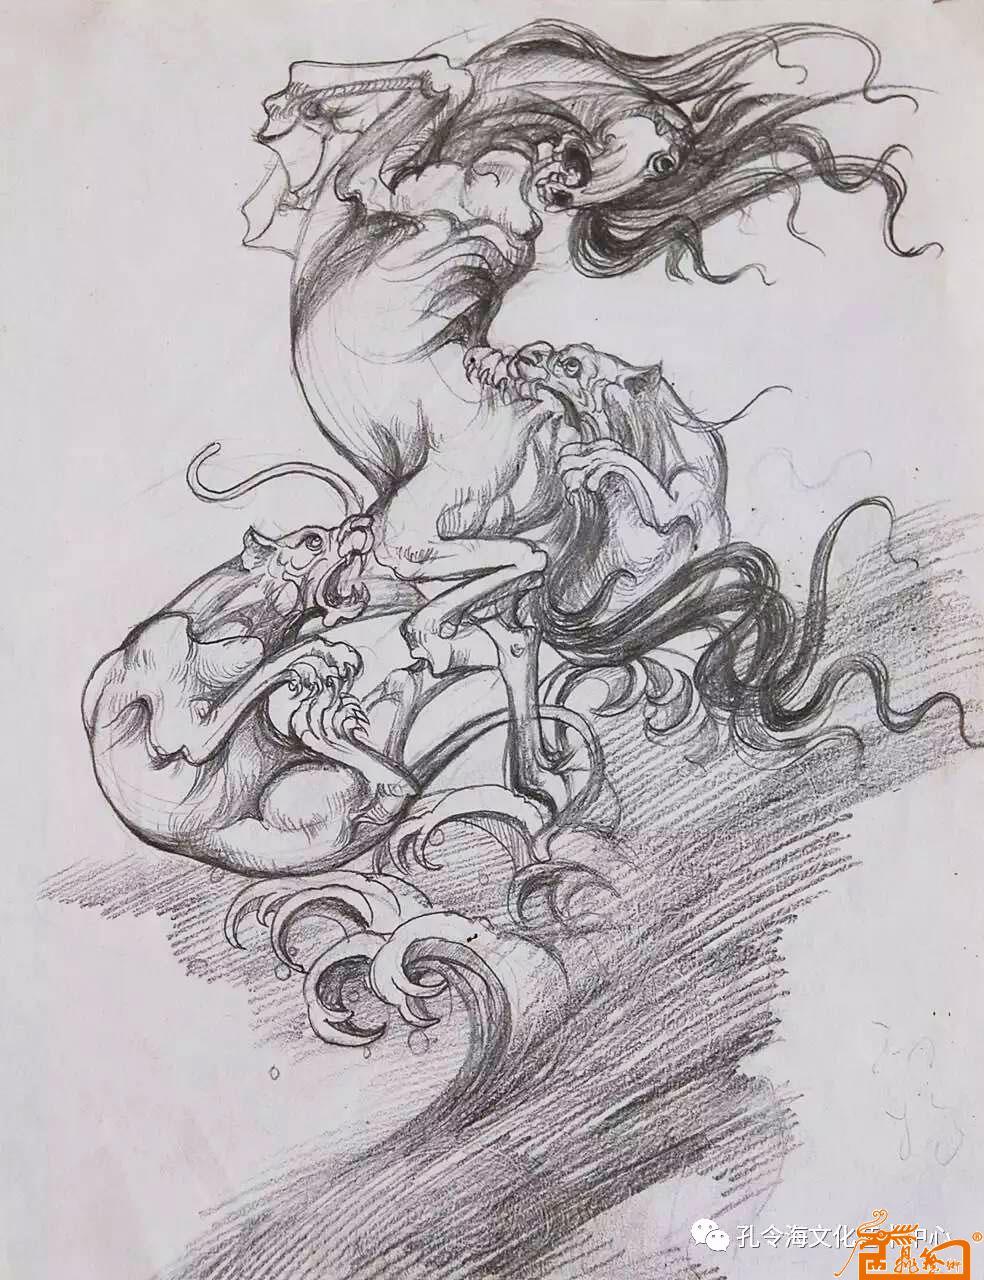 名家 孔令海 国画 - 手绘动物图稿1